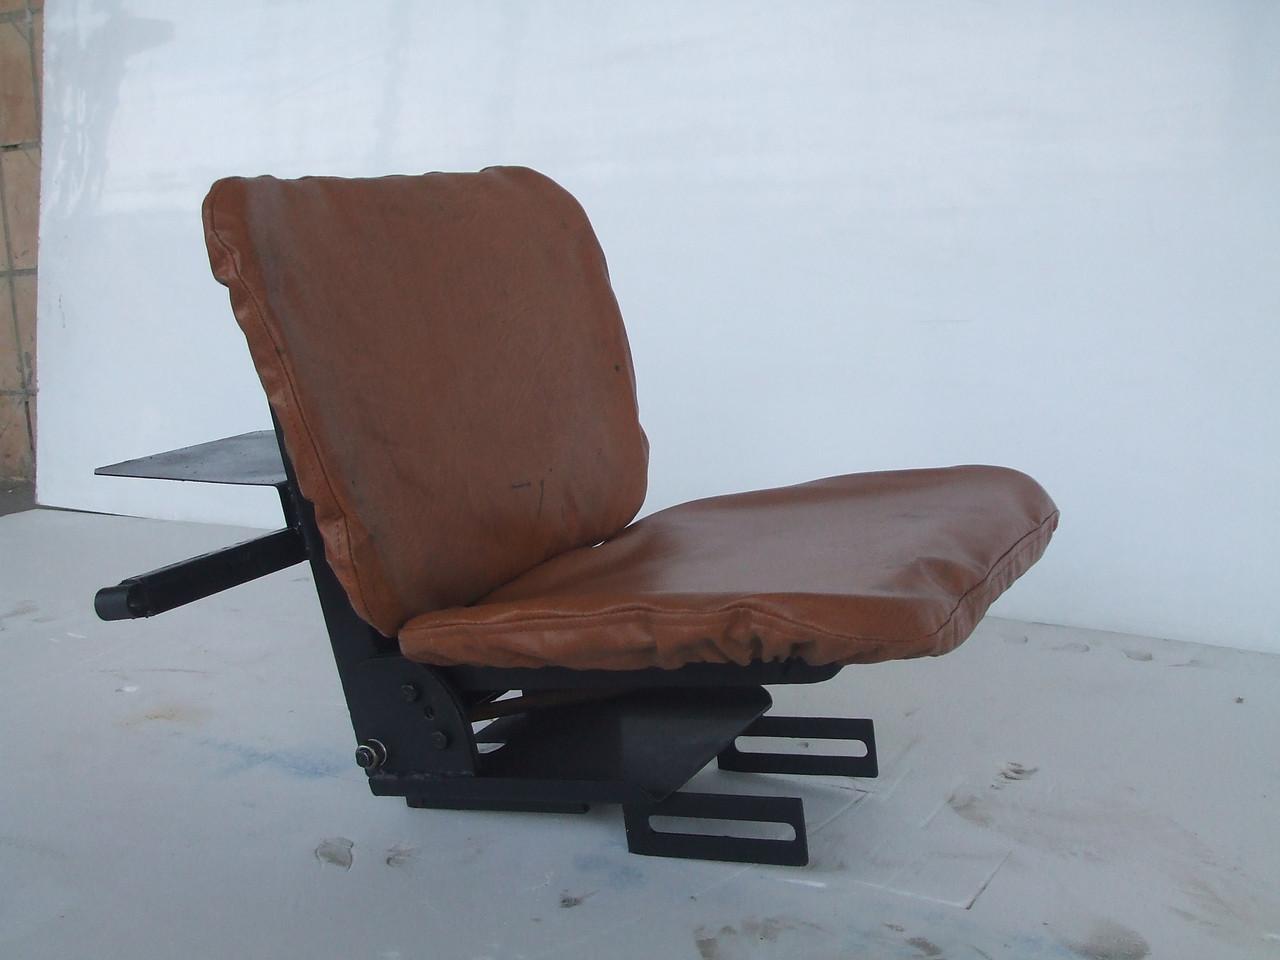 Сиденье для мототрактора (мягкое на аммортизаторе)